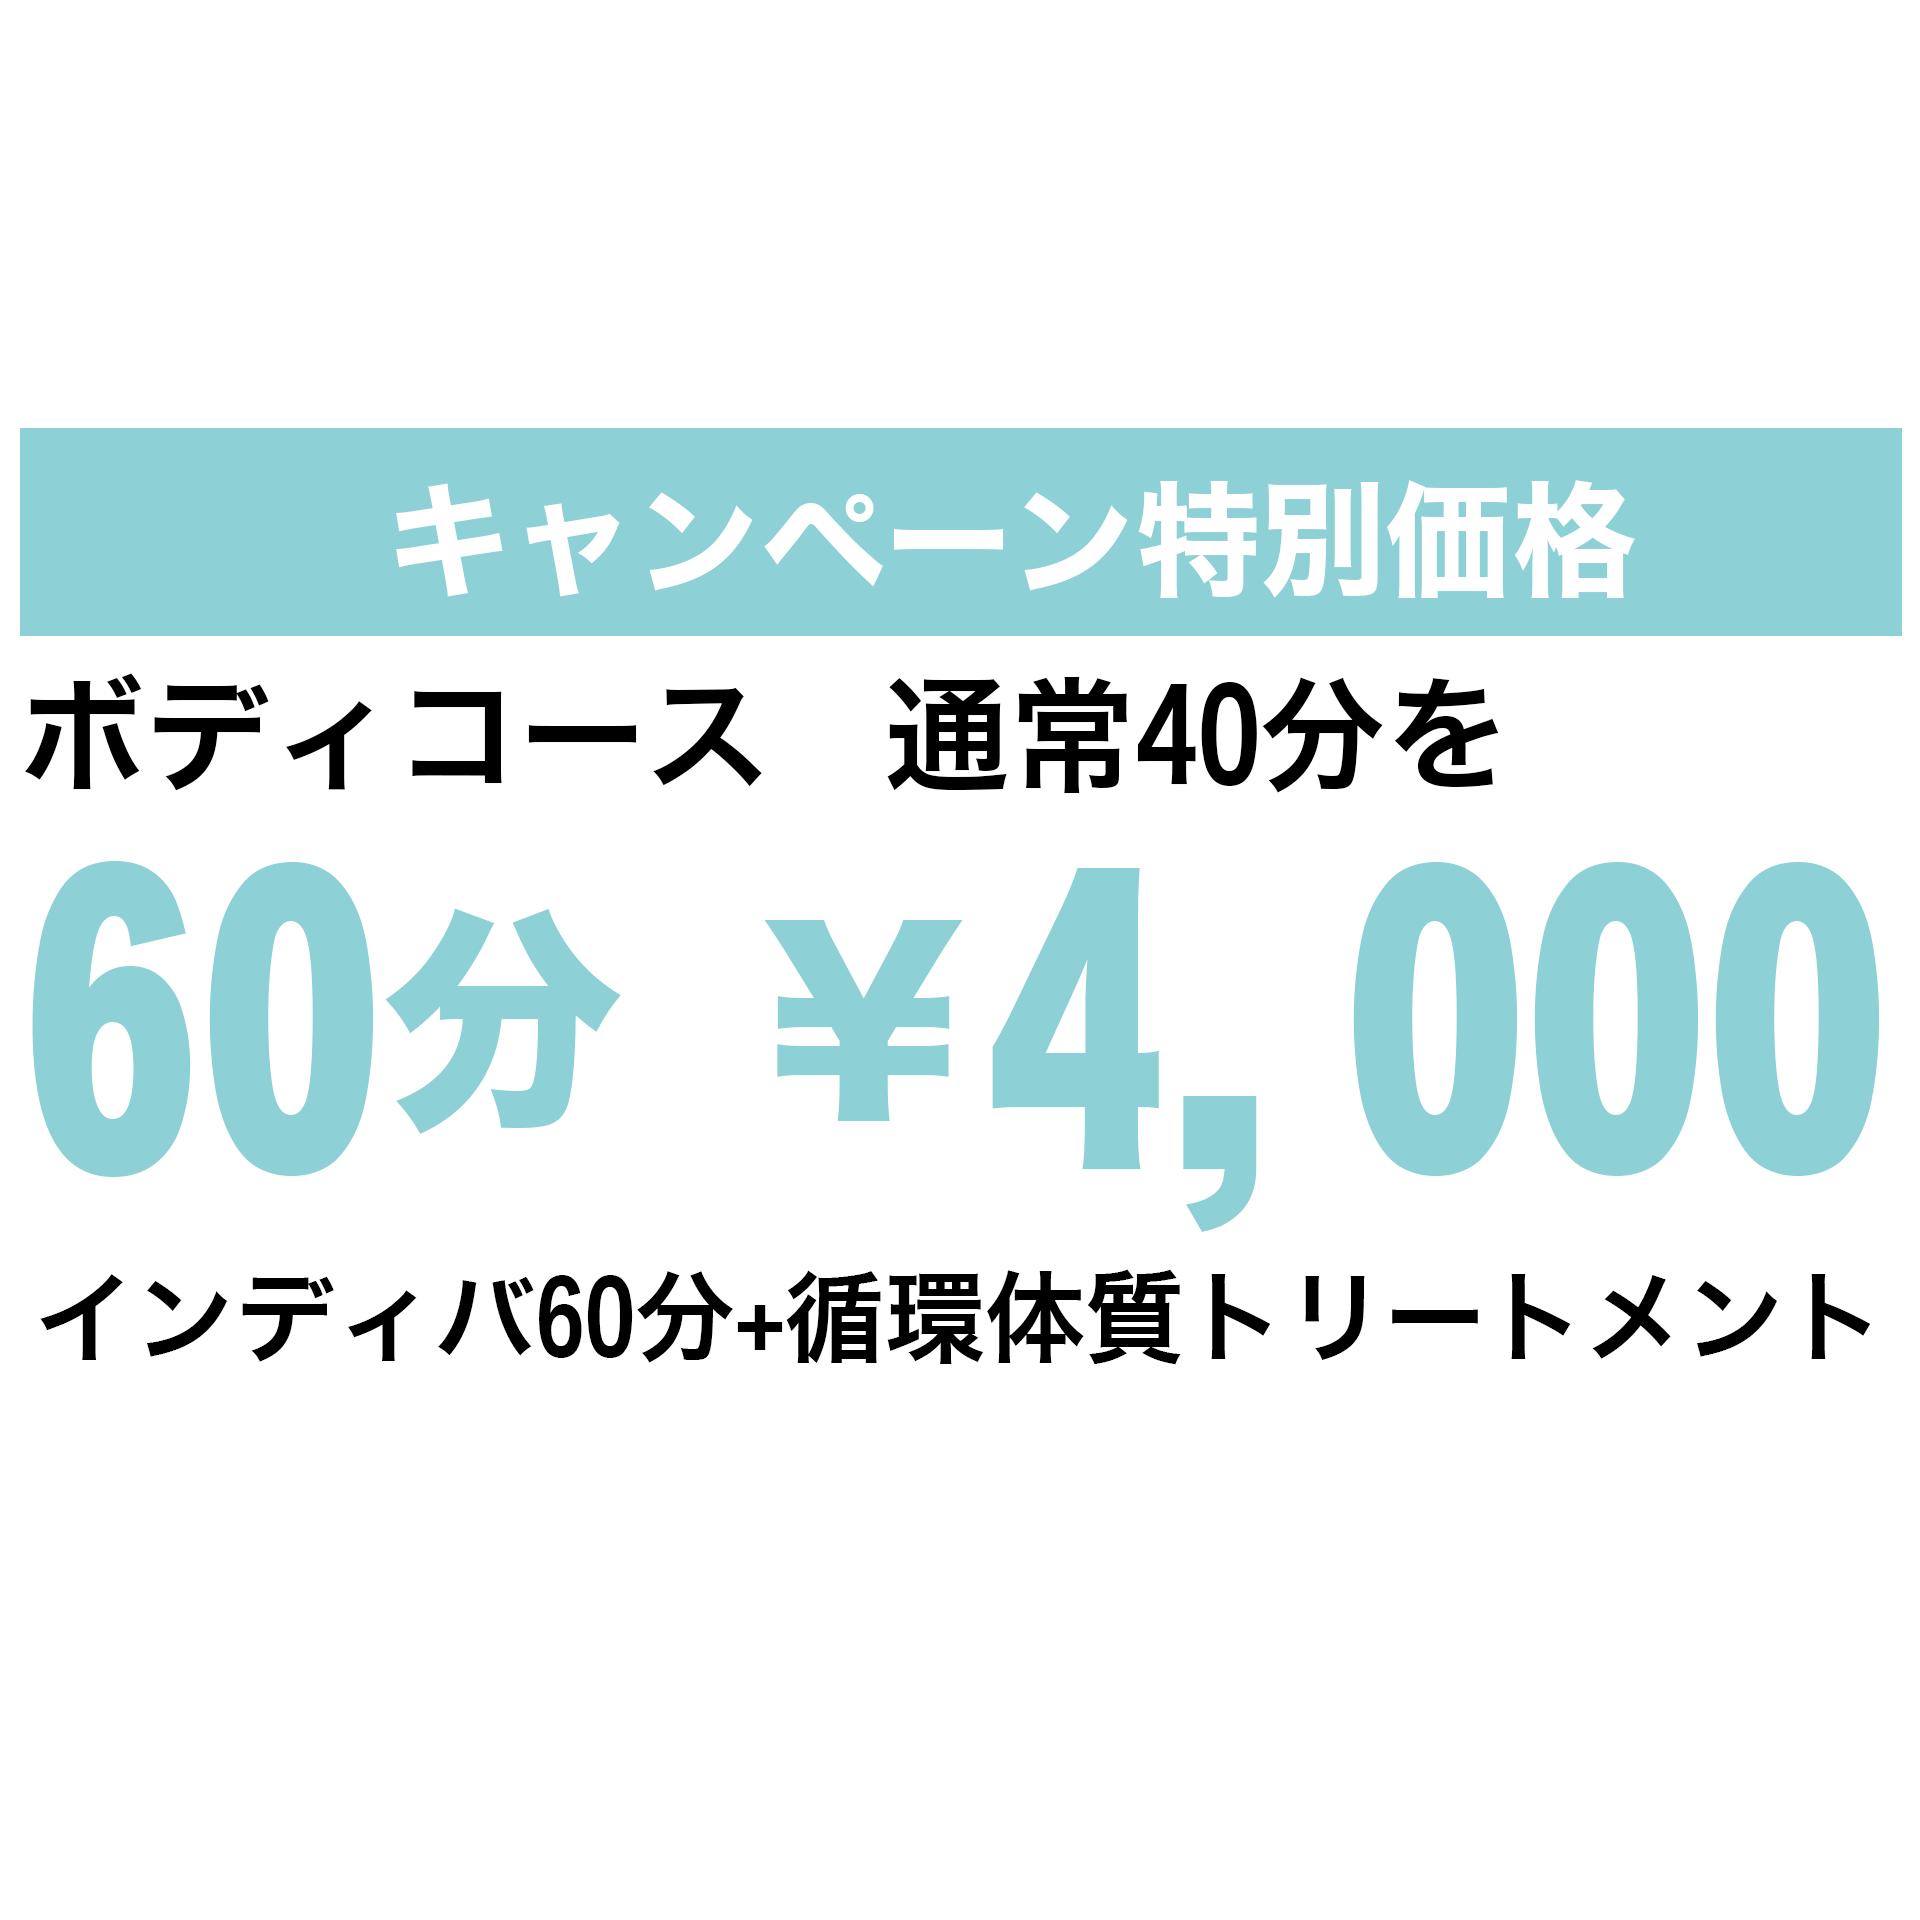 ボディコース通常40分を 60分 ¥4,000 インディバ60分+循環体質トリートメント